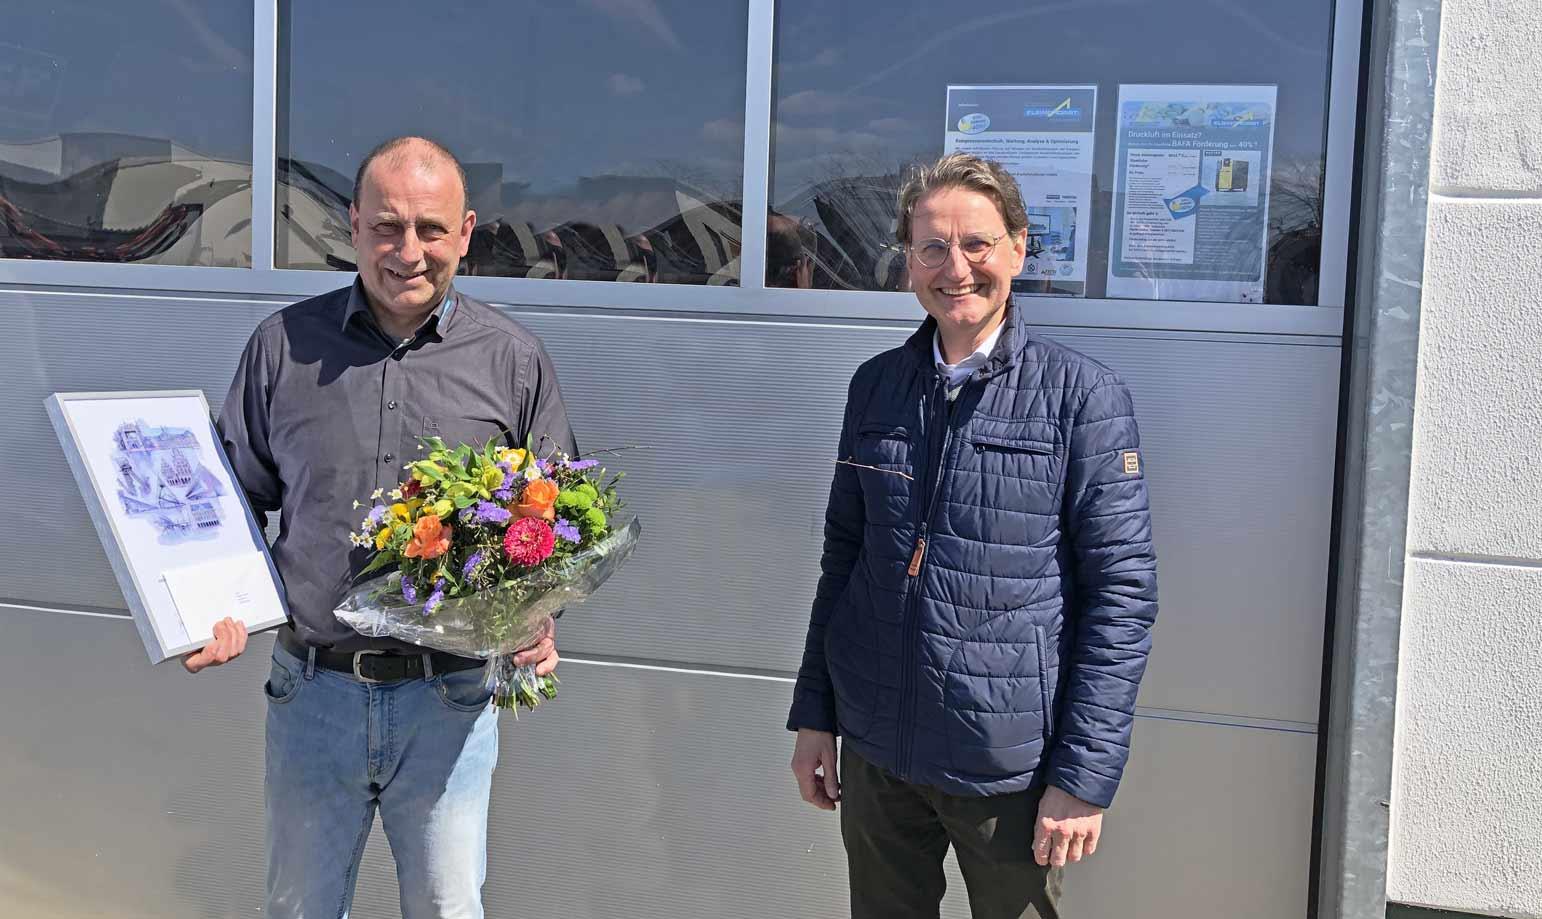 Zwei iMänner stehen vor Garagentor. Ein Mann hält Briefumschlag, Blumen und Bild. Beide lachen.